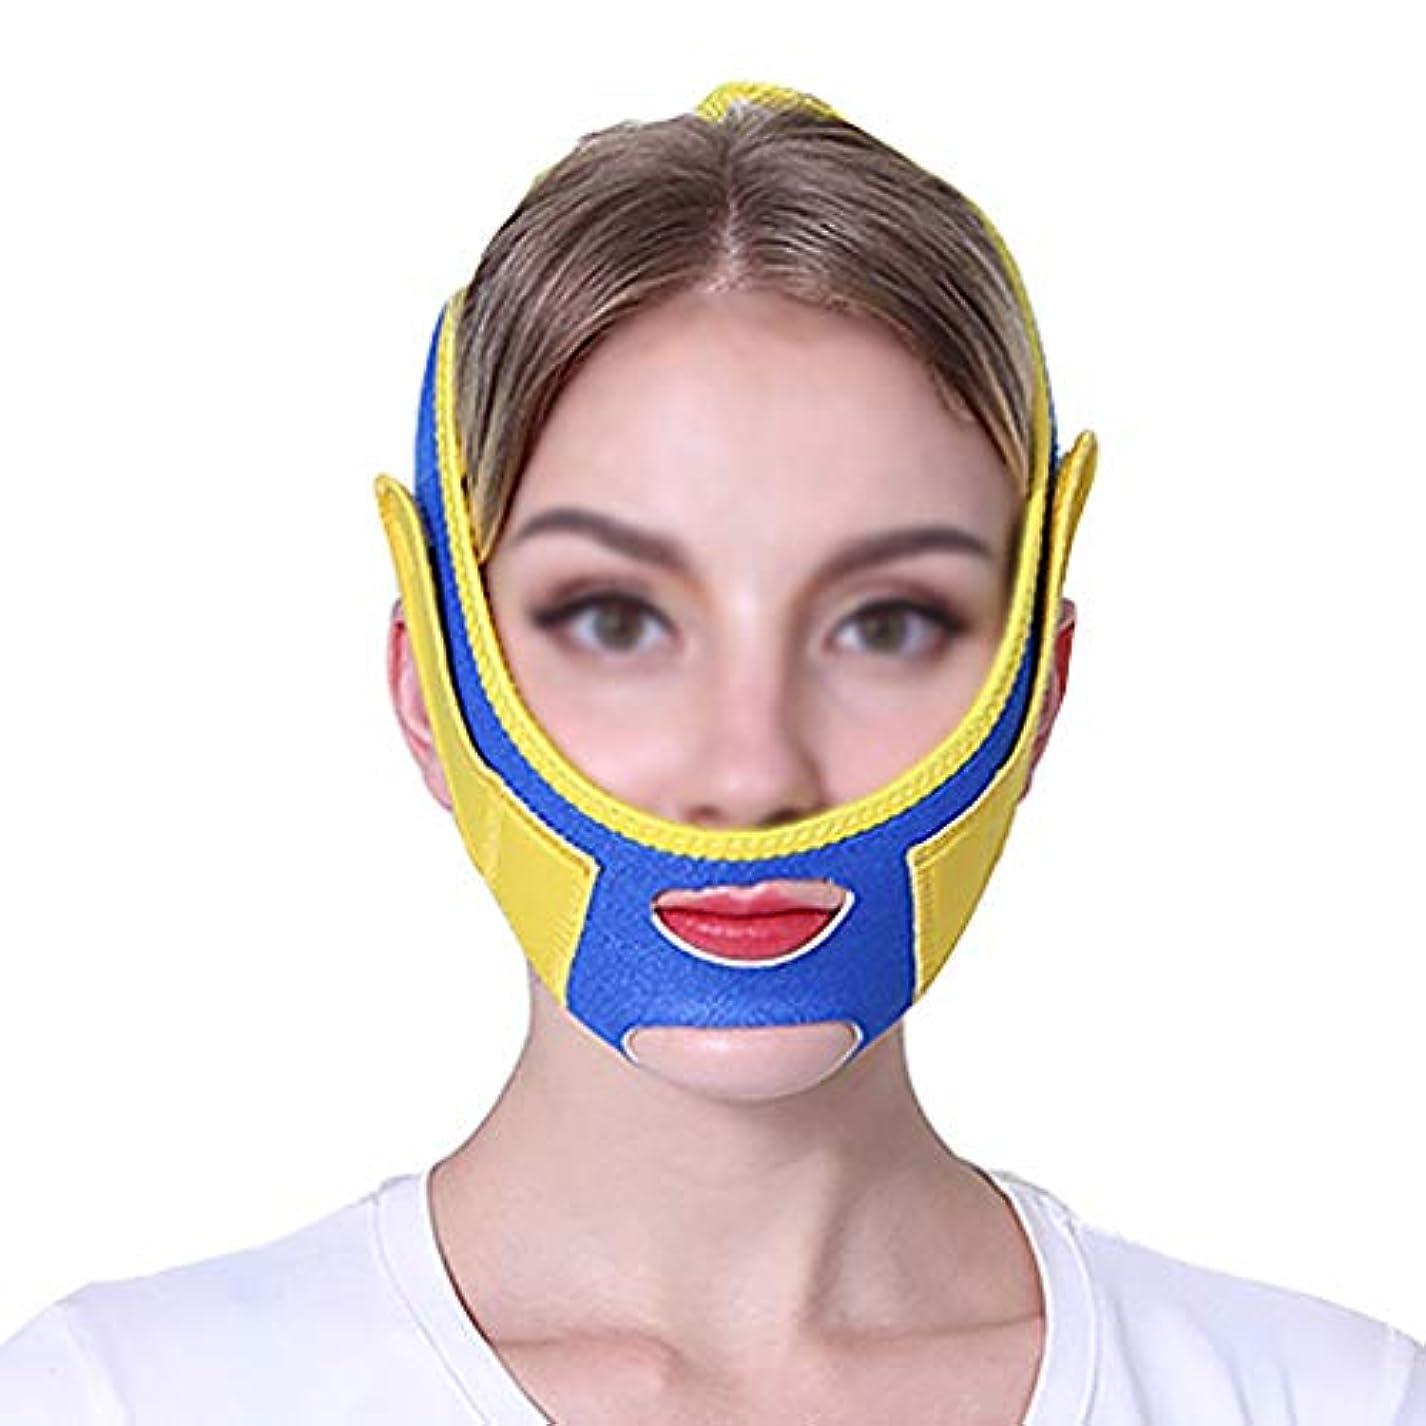 把握こどもセンター改革TLMY ファーミングマスクスモールvフェイスアーティファクトリフティングマスクフェイスリフティングフェイスリフティングマスクファーミングクリームフェイシャルリフティング包帯 顔用整形マスク